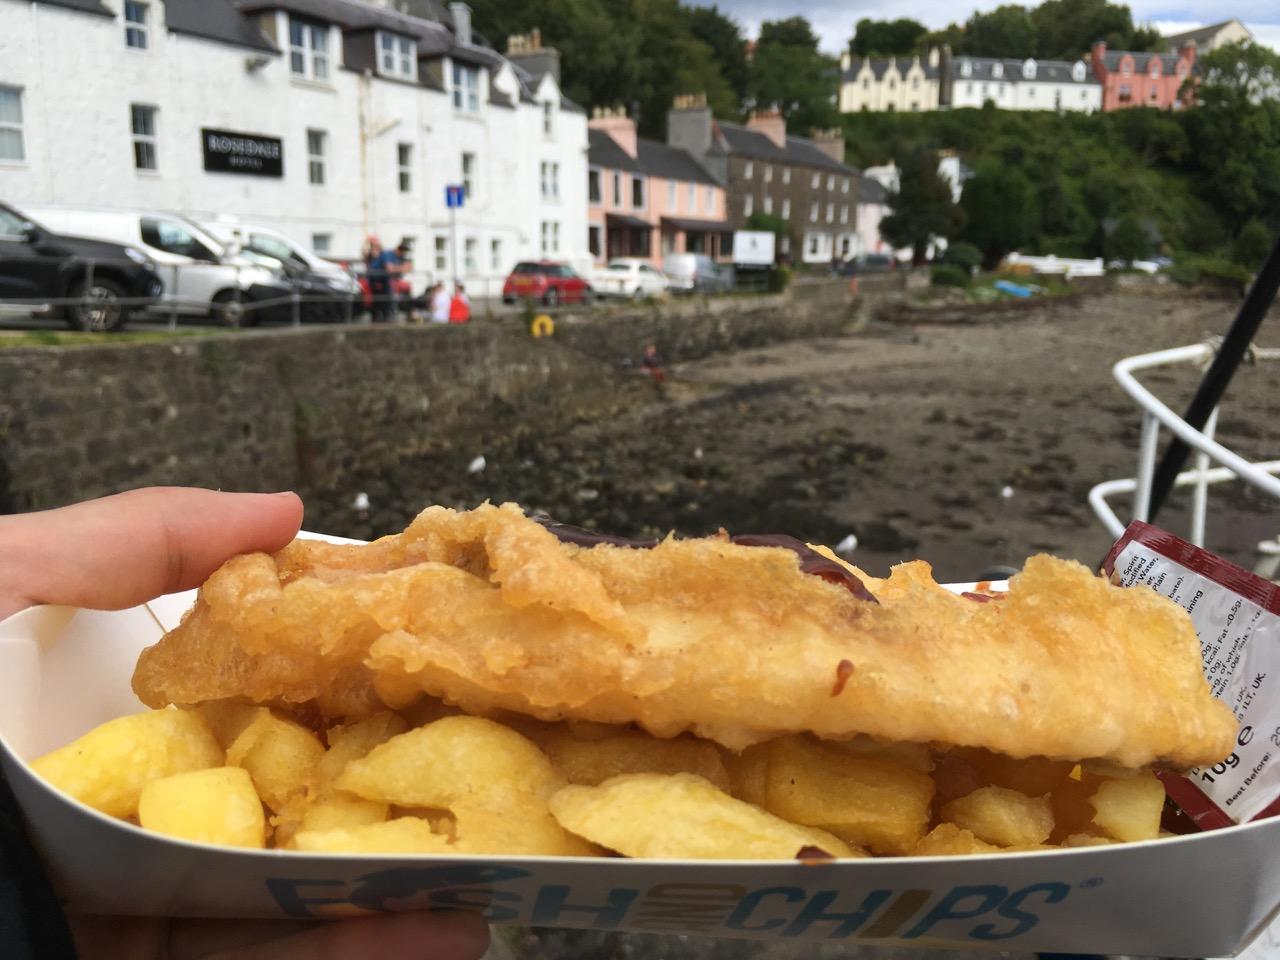 有很多鱼薯店,吃Fish&Chips的人超级多,看到一个女孩的午餐被海鸥抢走了。。